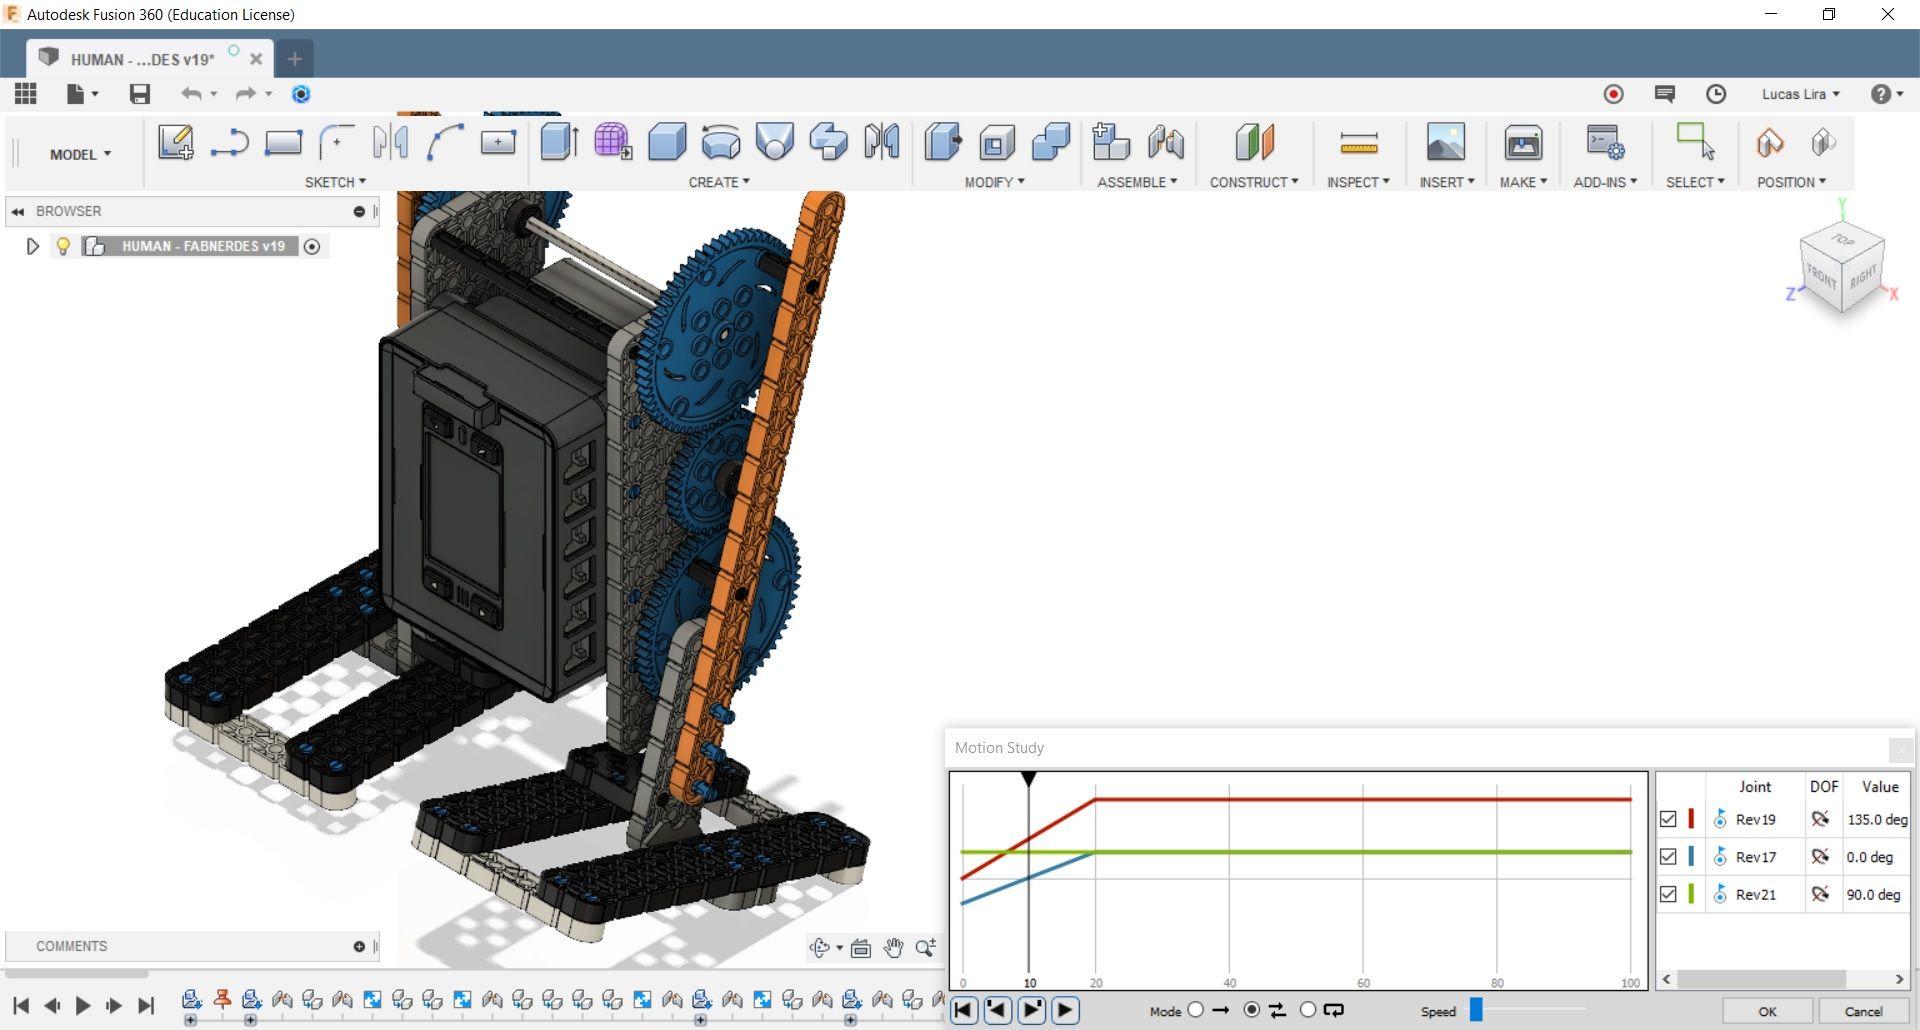 Design-vex-iq-robots-3500-3500